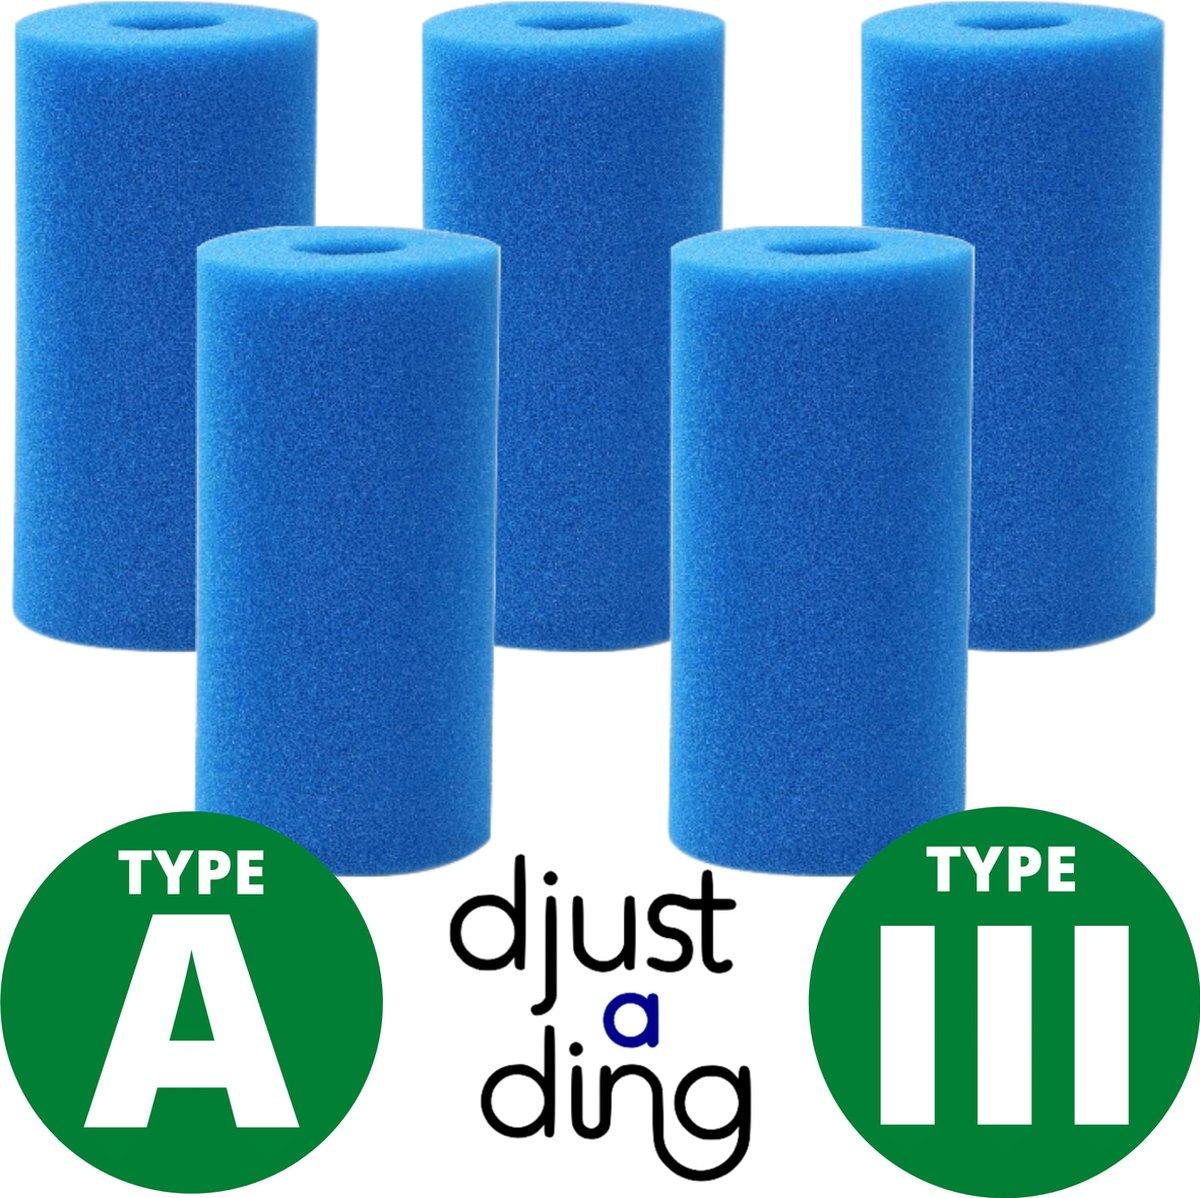 5 x Type A / III Filter Zwembad Herbruikbaar - Geschikt als Zwembadfilter Intex of Bestway - Zwembad Onderhoud Filtercartridge - Djust A Ding